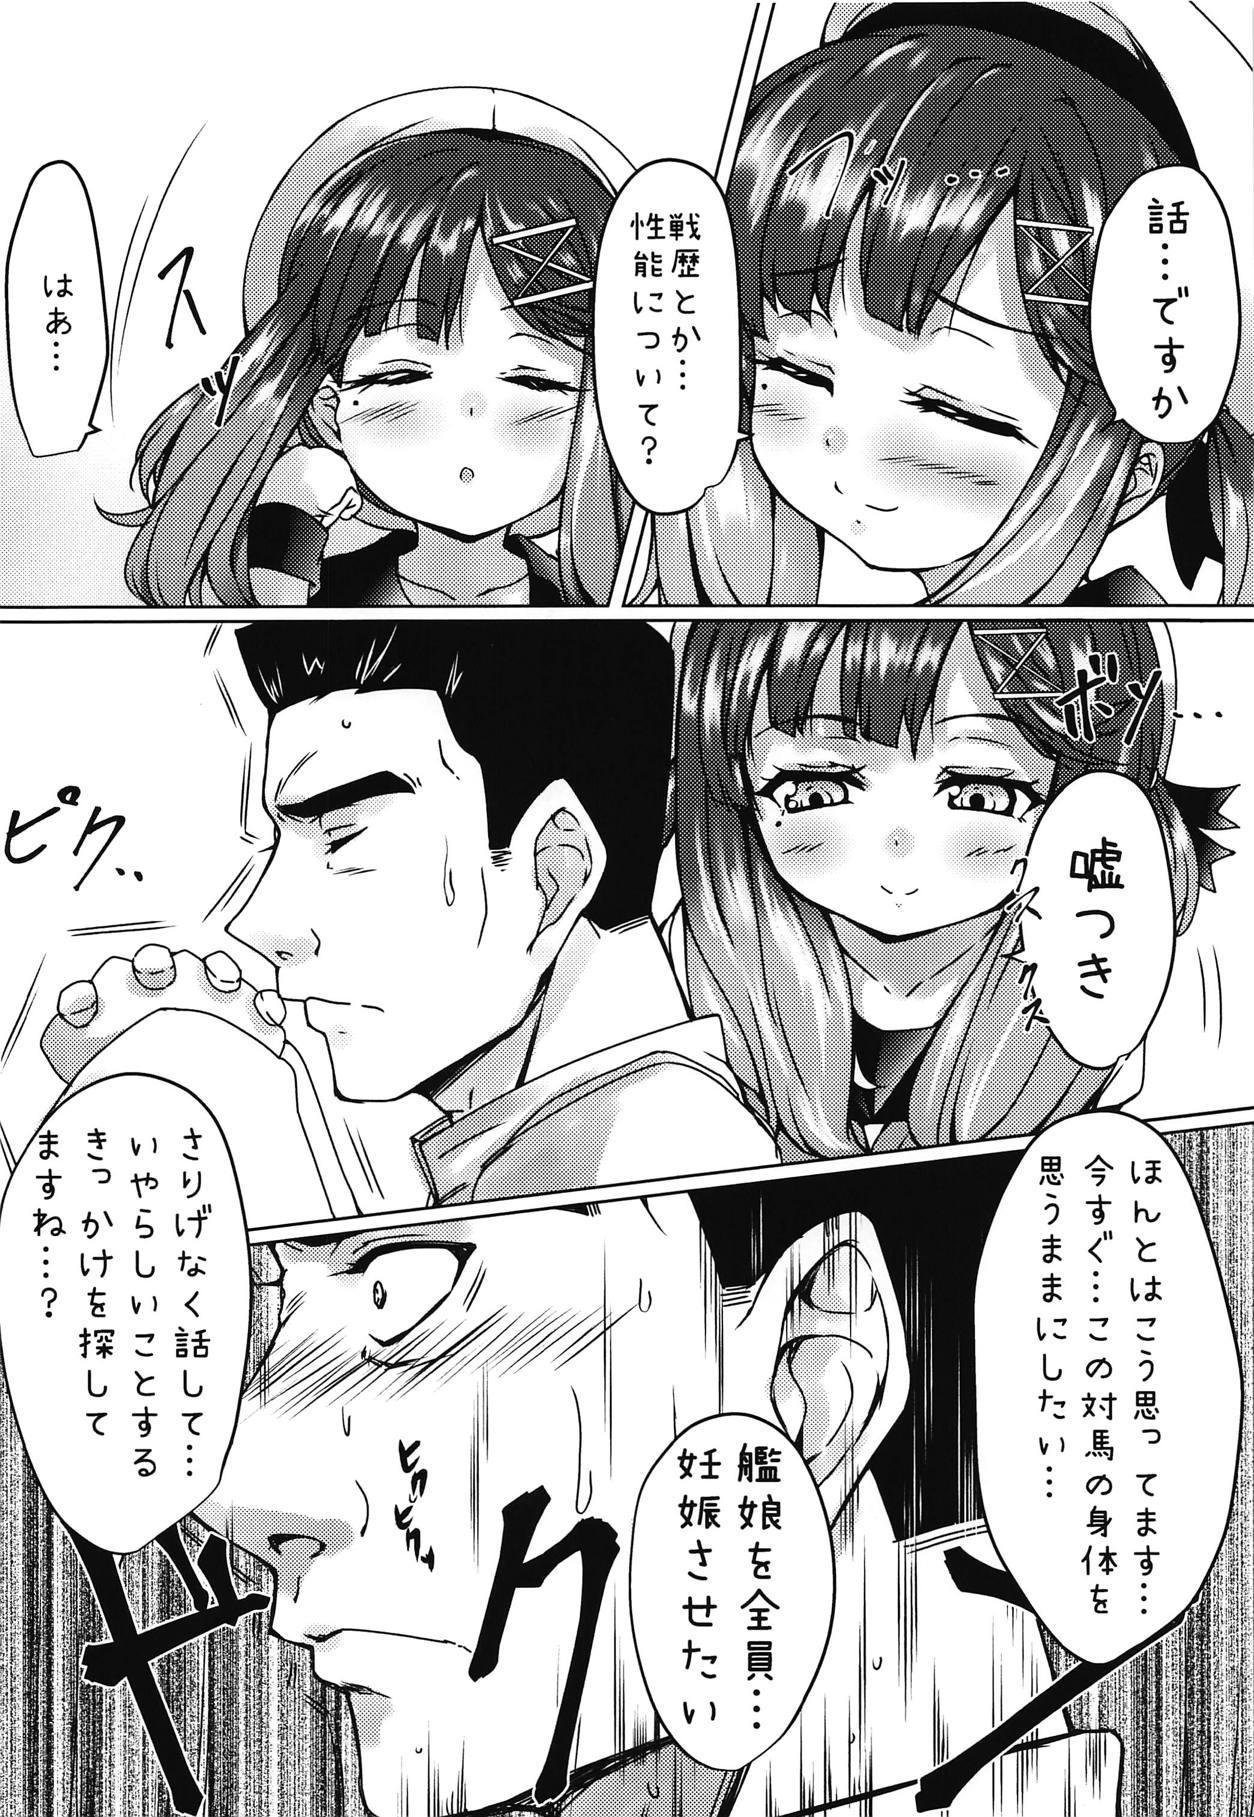 Kaiboukan to Himitsu no Enshuu 8